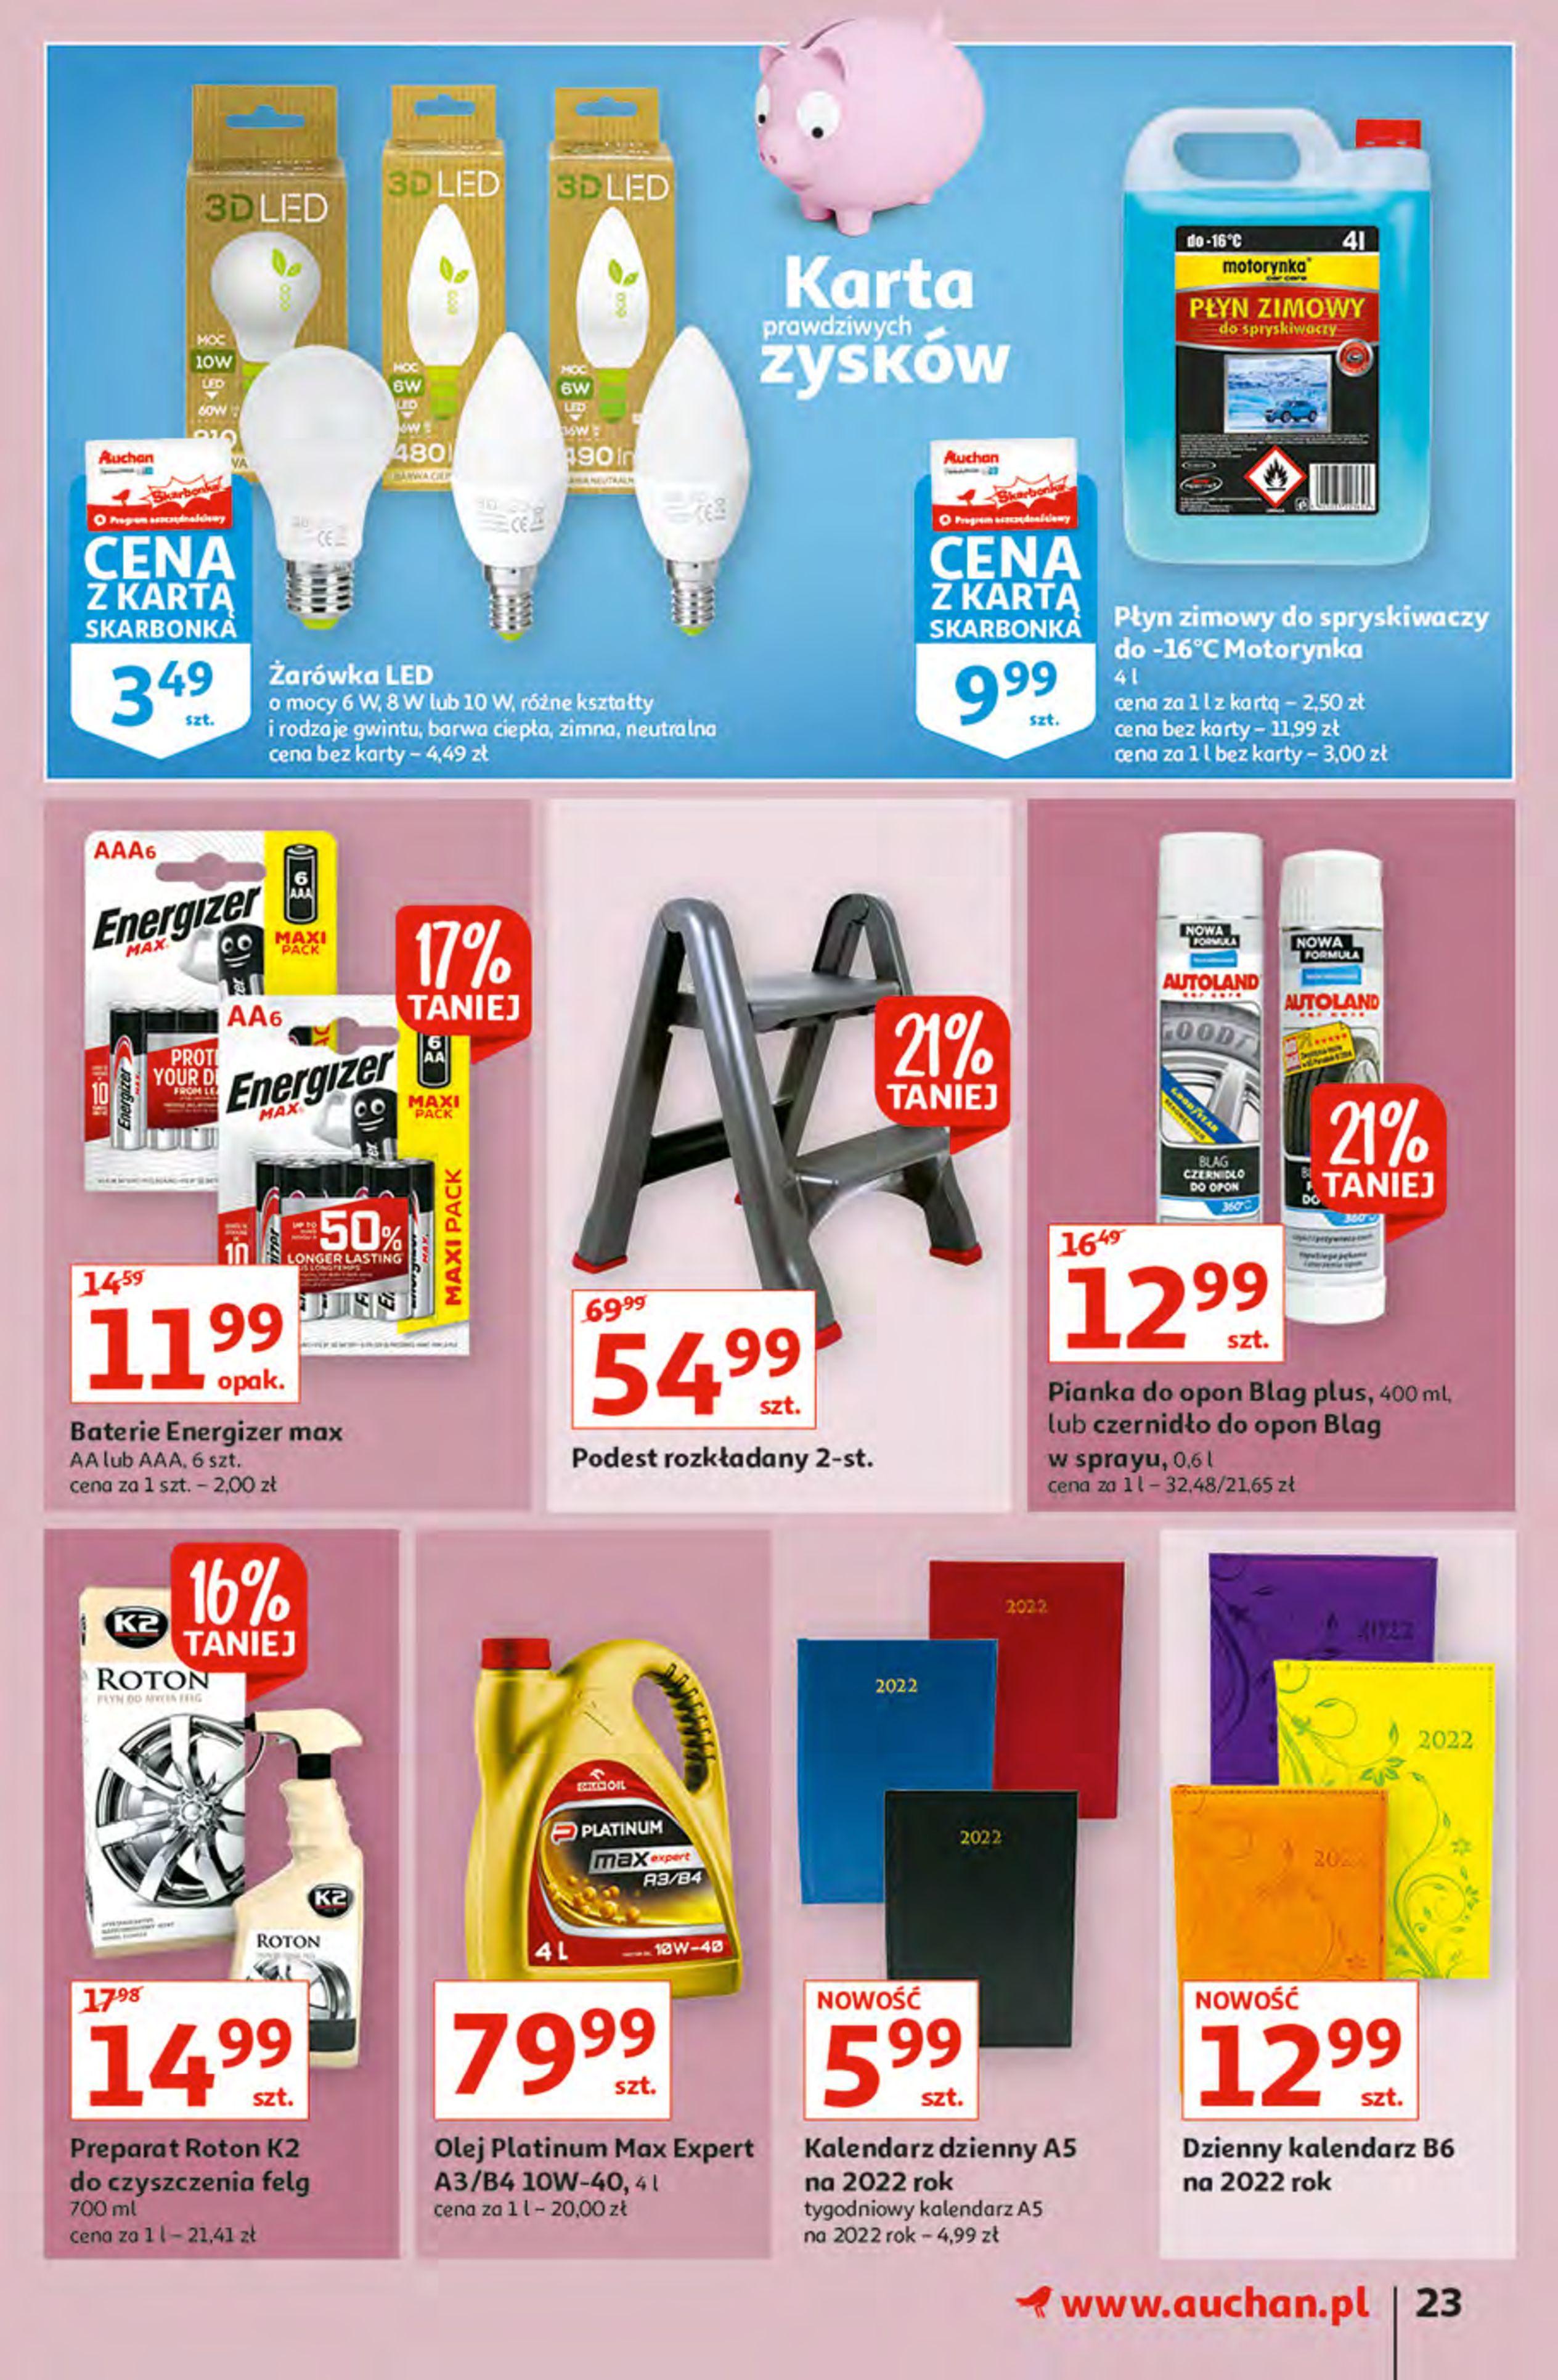 Gazetka Auchan: Gazetka Auchan - Hiperoszczędzanie z Kartą Skarbonka 2 Hipermarkety 2021-10-14 page-23